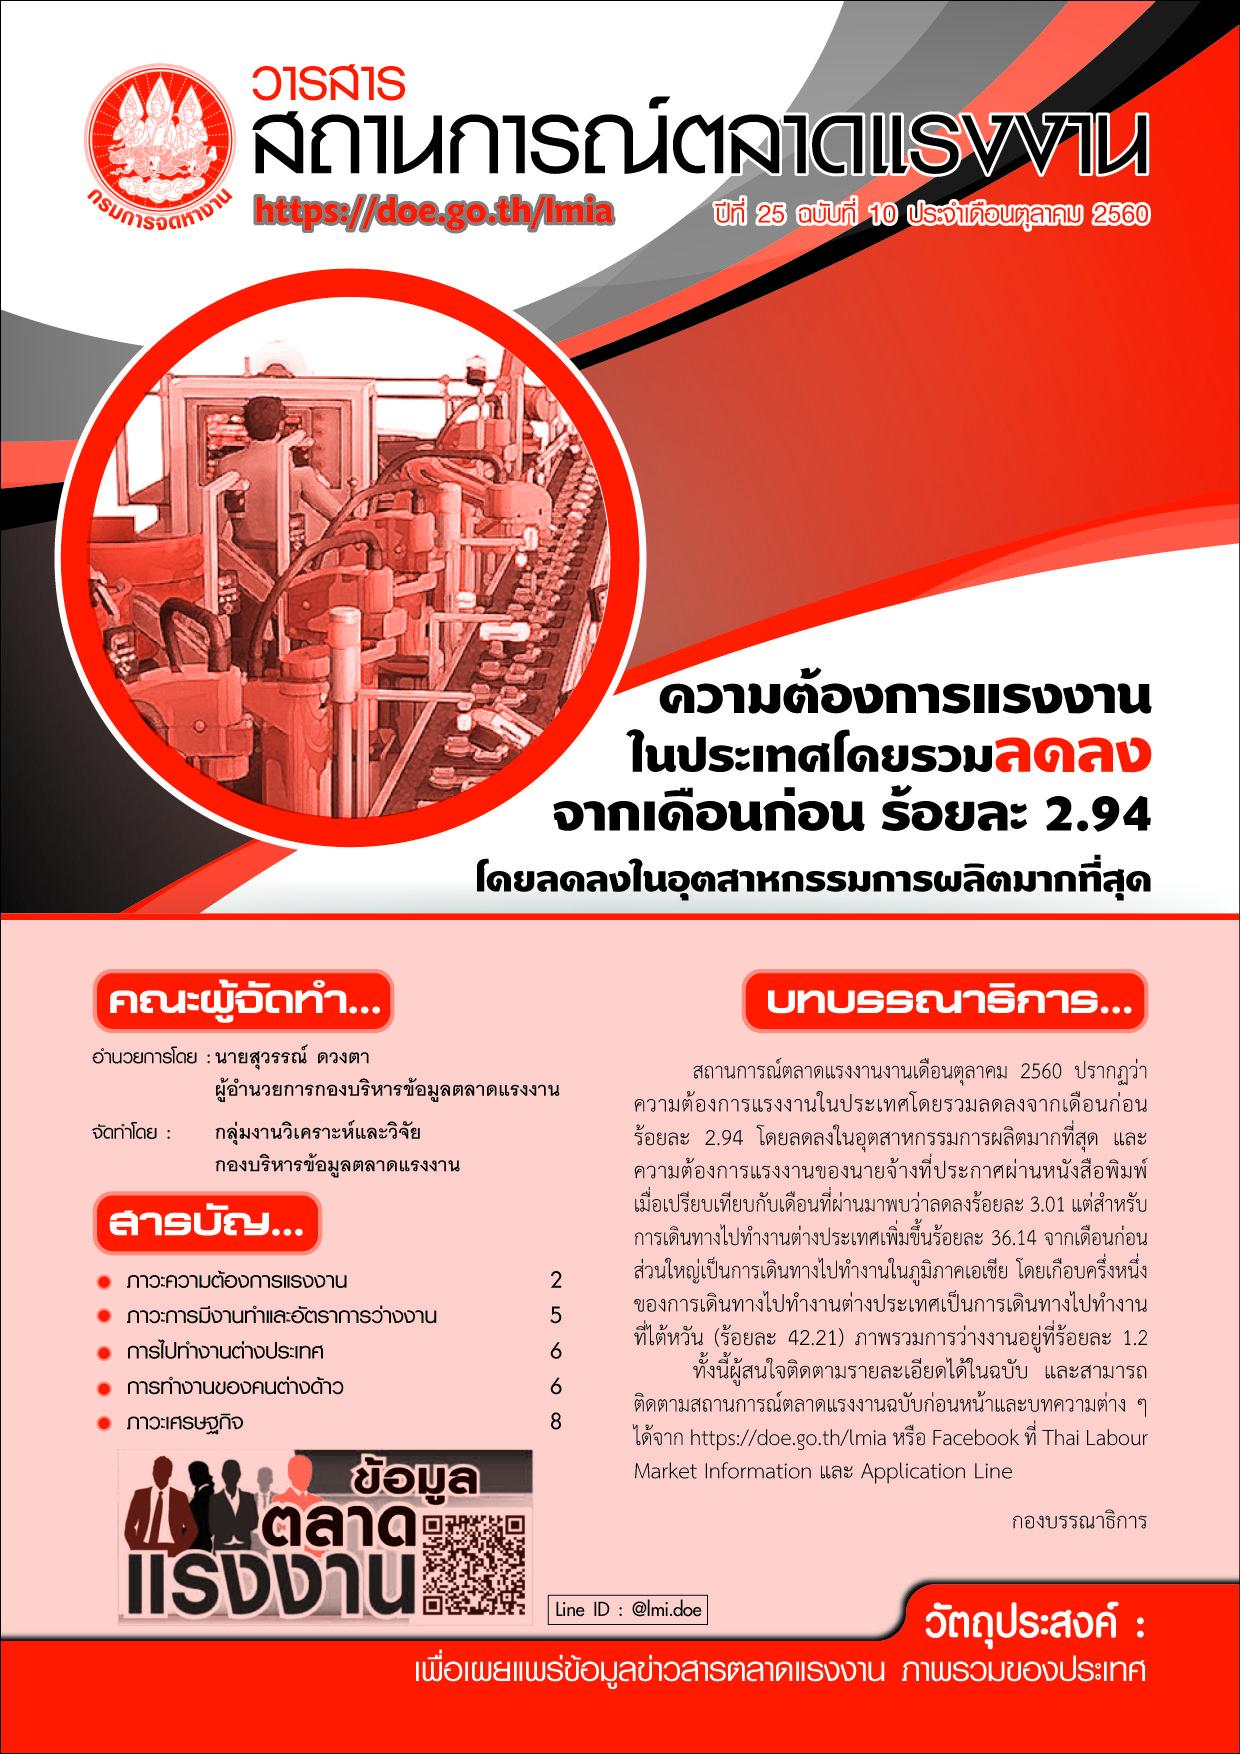 วารสารสถานการณ์ตลาดแรงงานประจำเดือนตุลาคม 2560